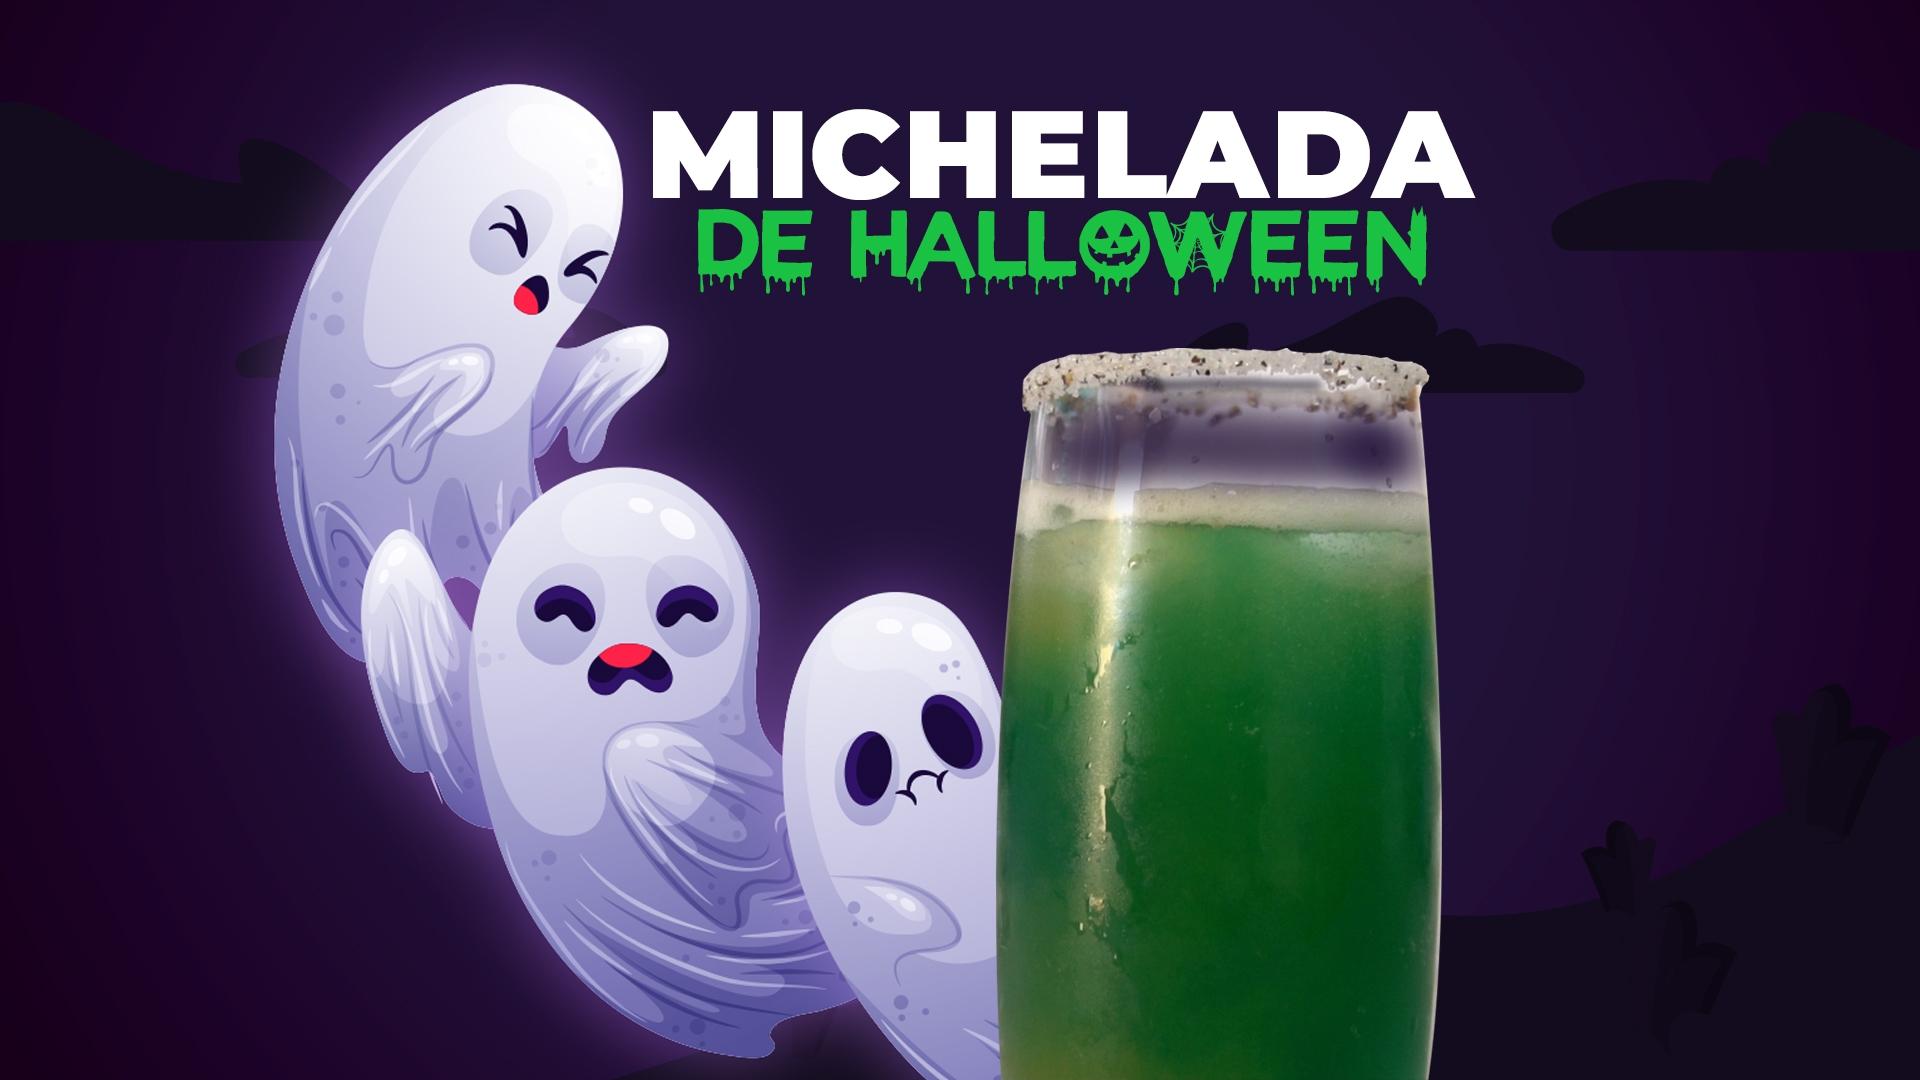 Michelada de Halloween